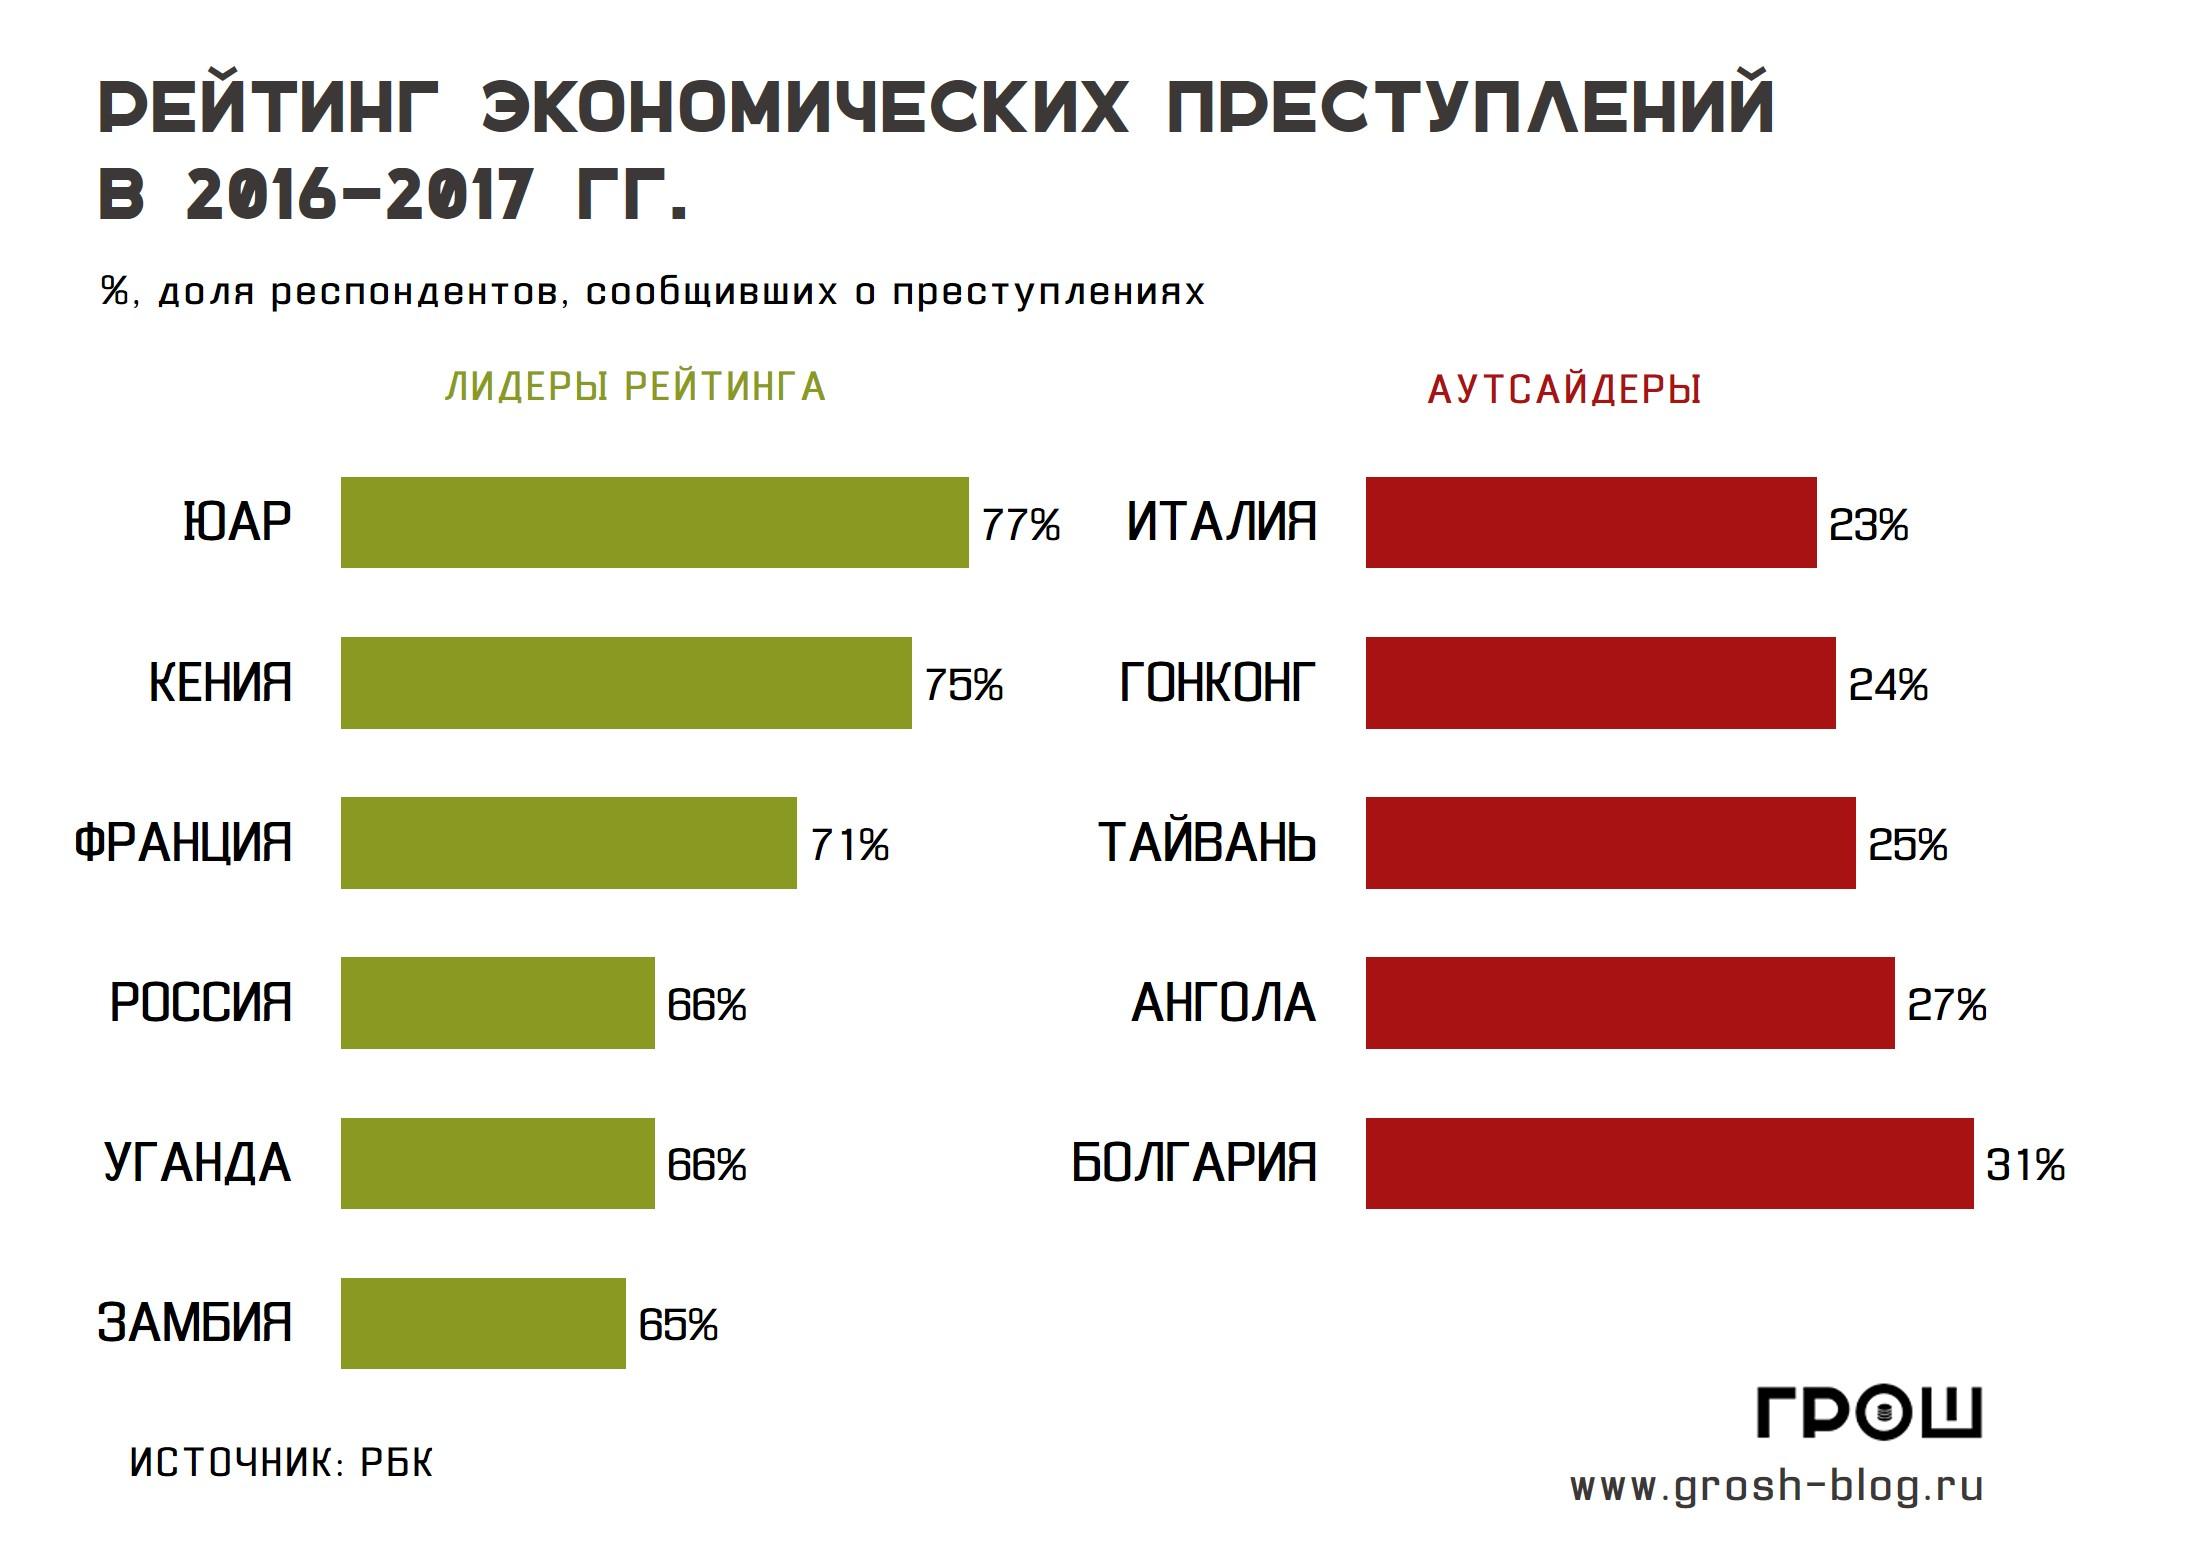 рейтинг экономических преступлений http://grosh-blog.ru